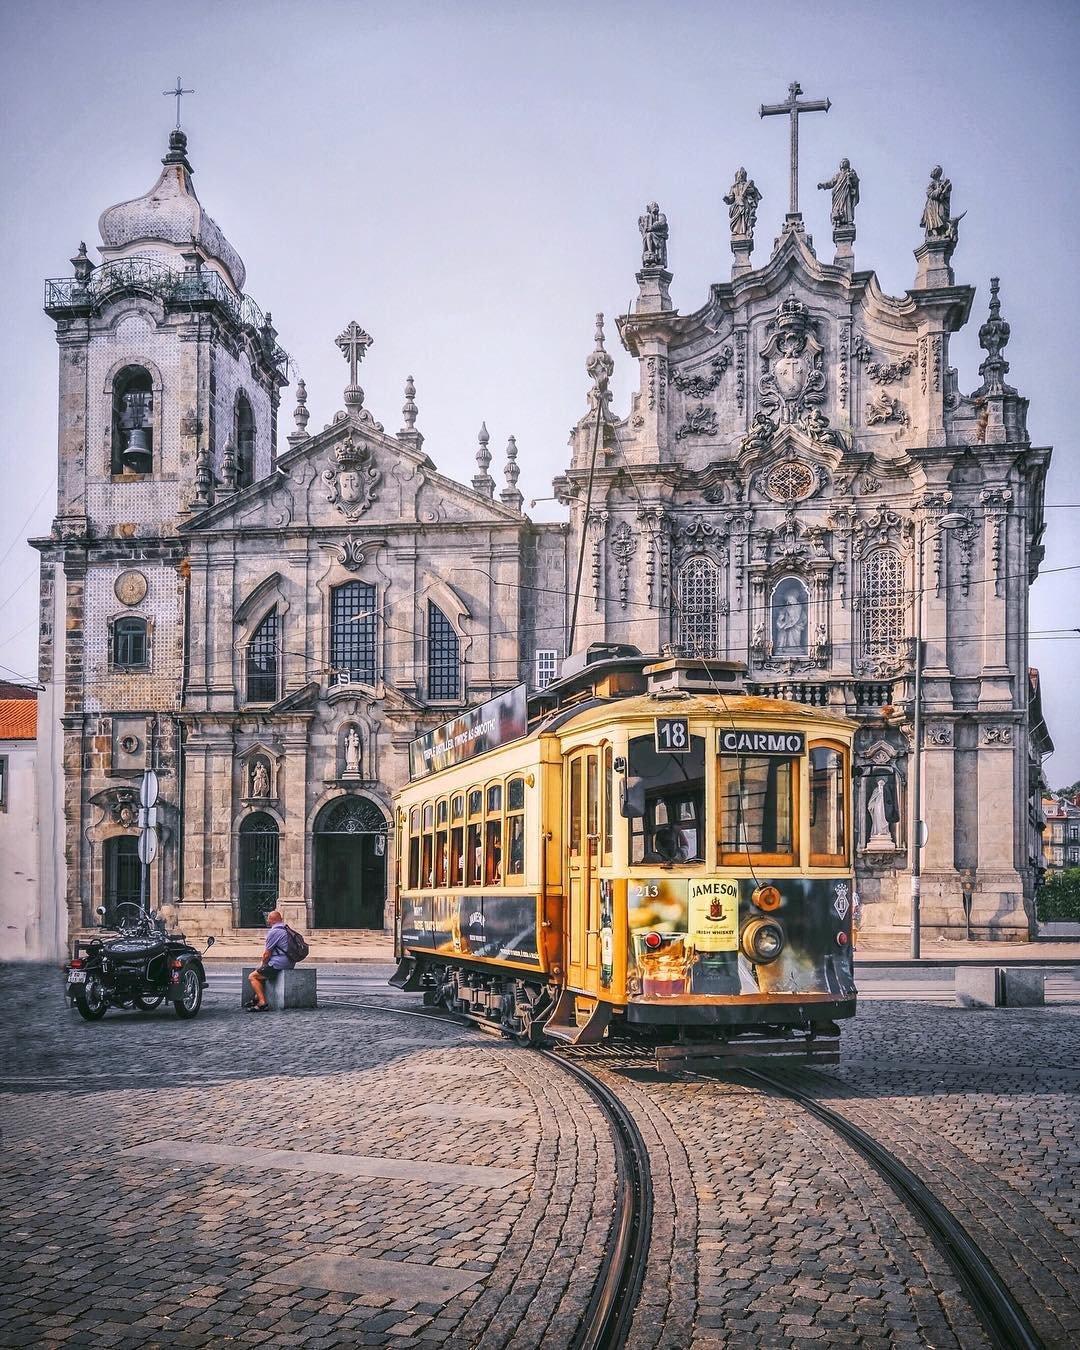 葡萄牙波尔图令人一见倾心的复古街景